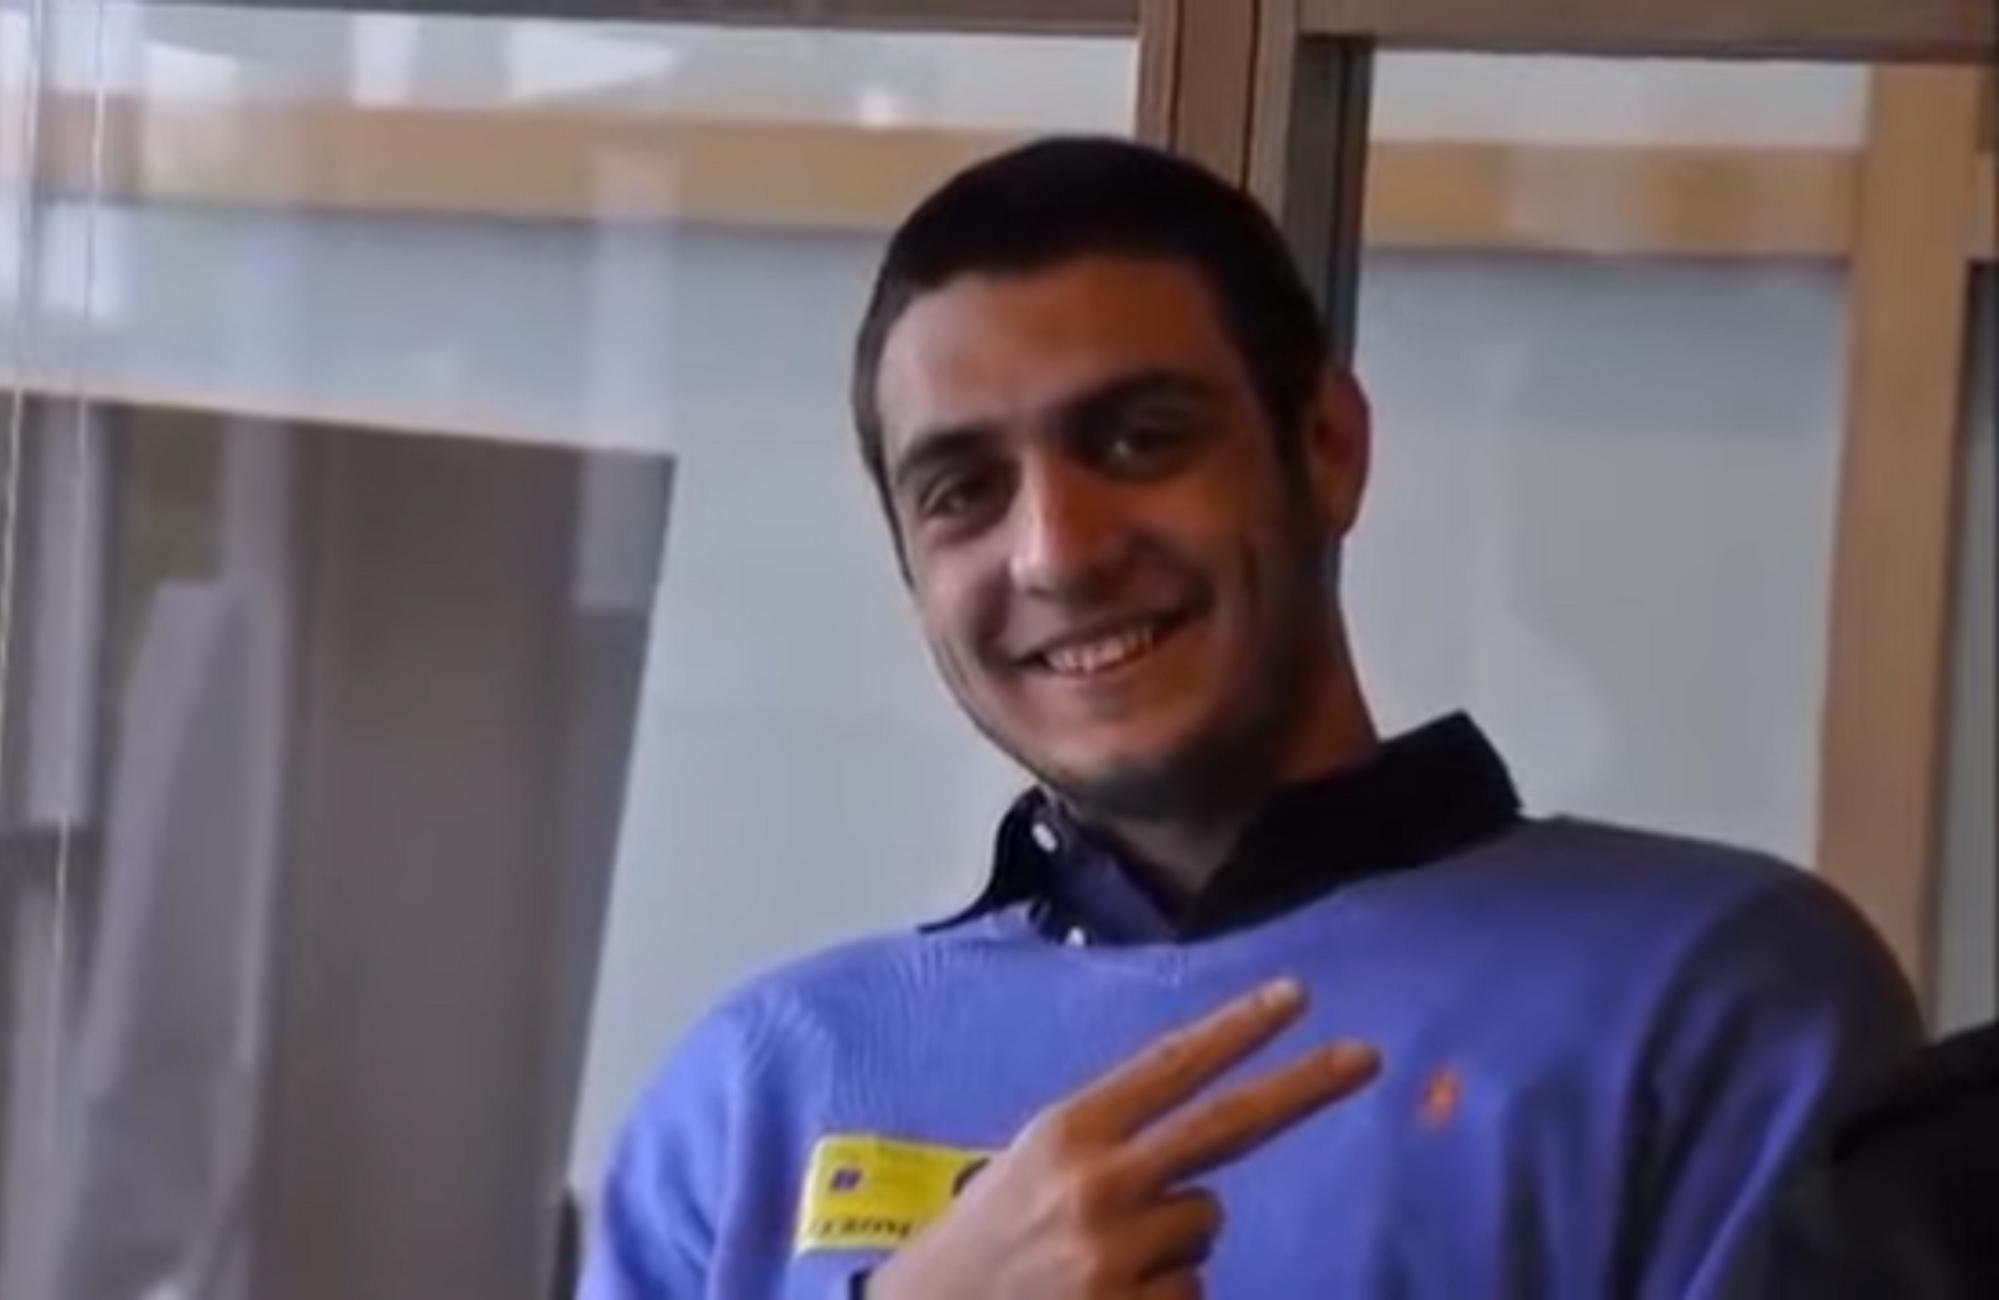 ΚΑΕ Ολυμπιακός: Video για τον Νεόφυτο Χανδριώτη